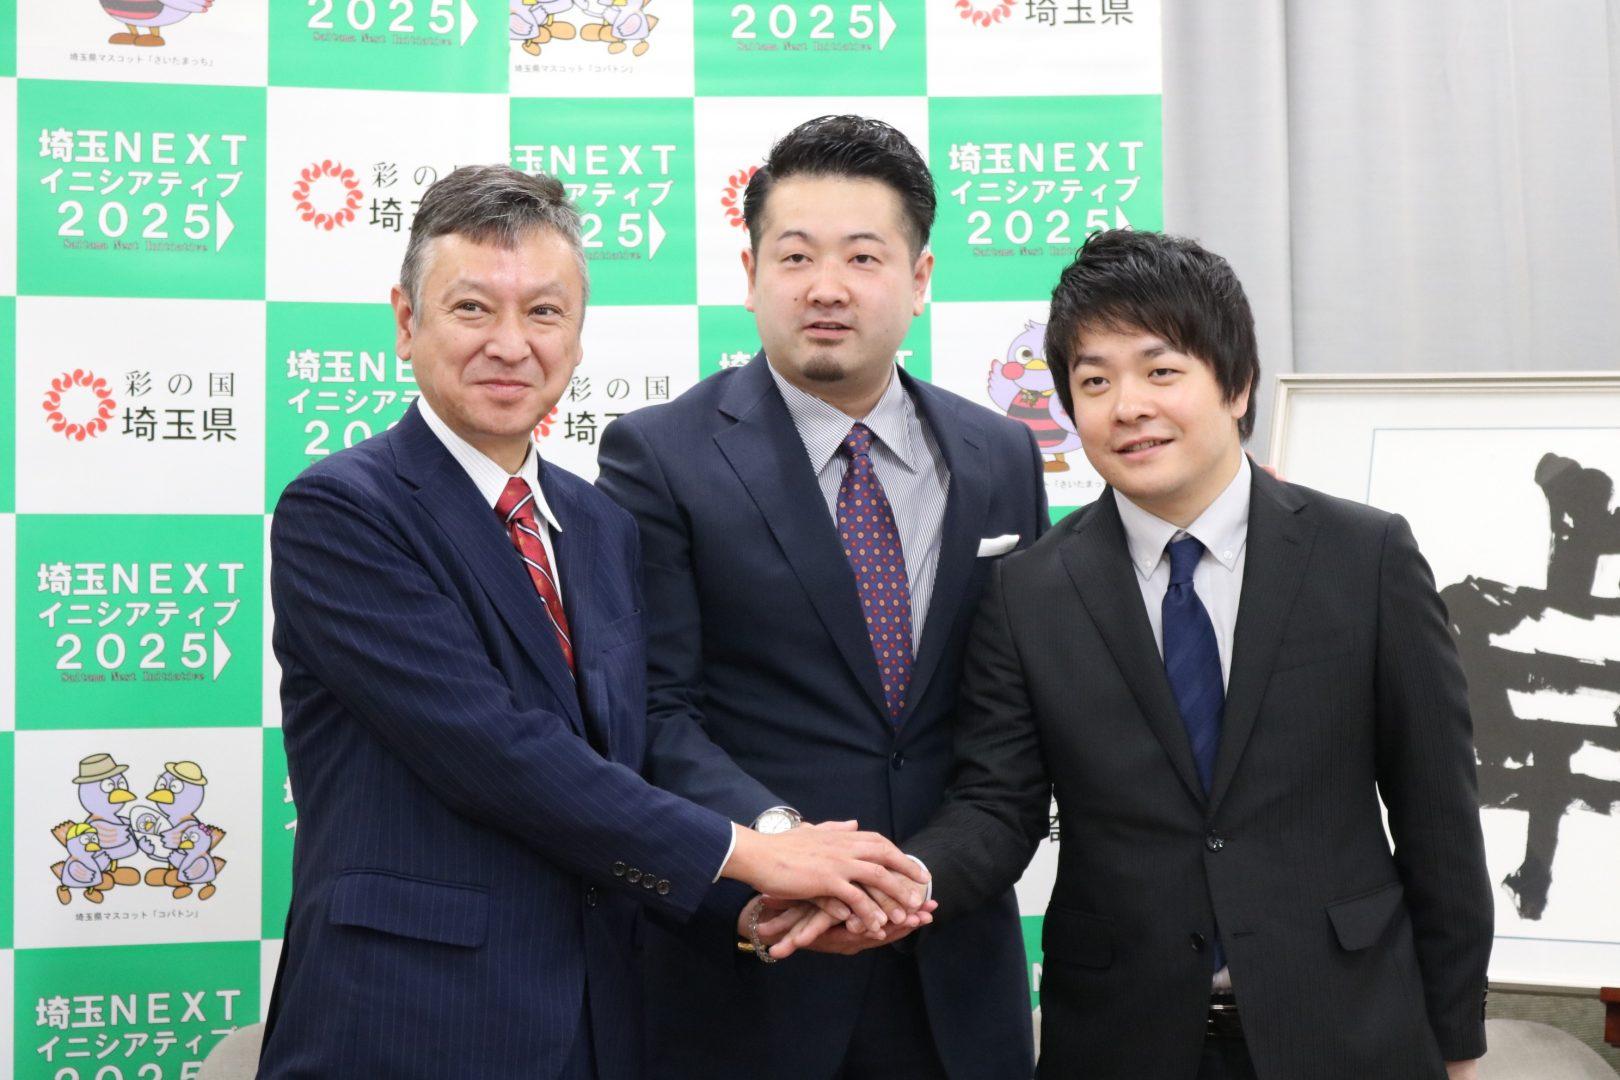 【卓球・Tリーグ】埼玉が岸川聖也と海外3選手の加入を発表